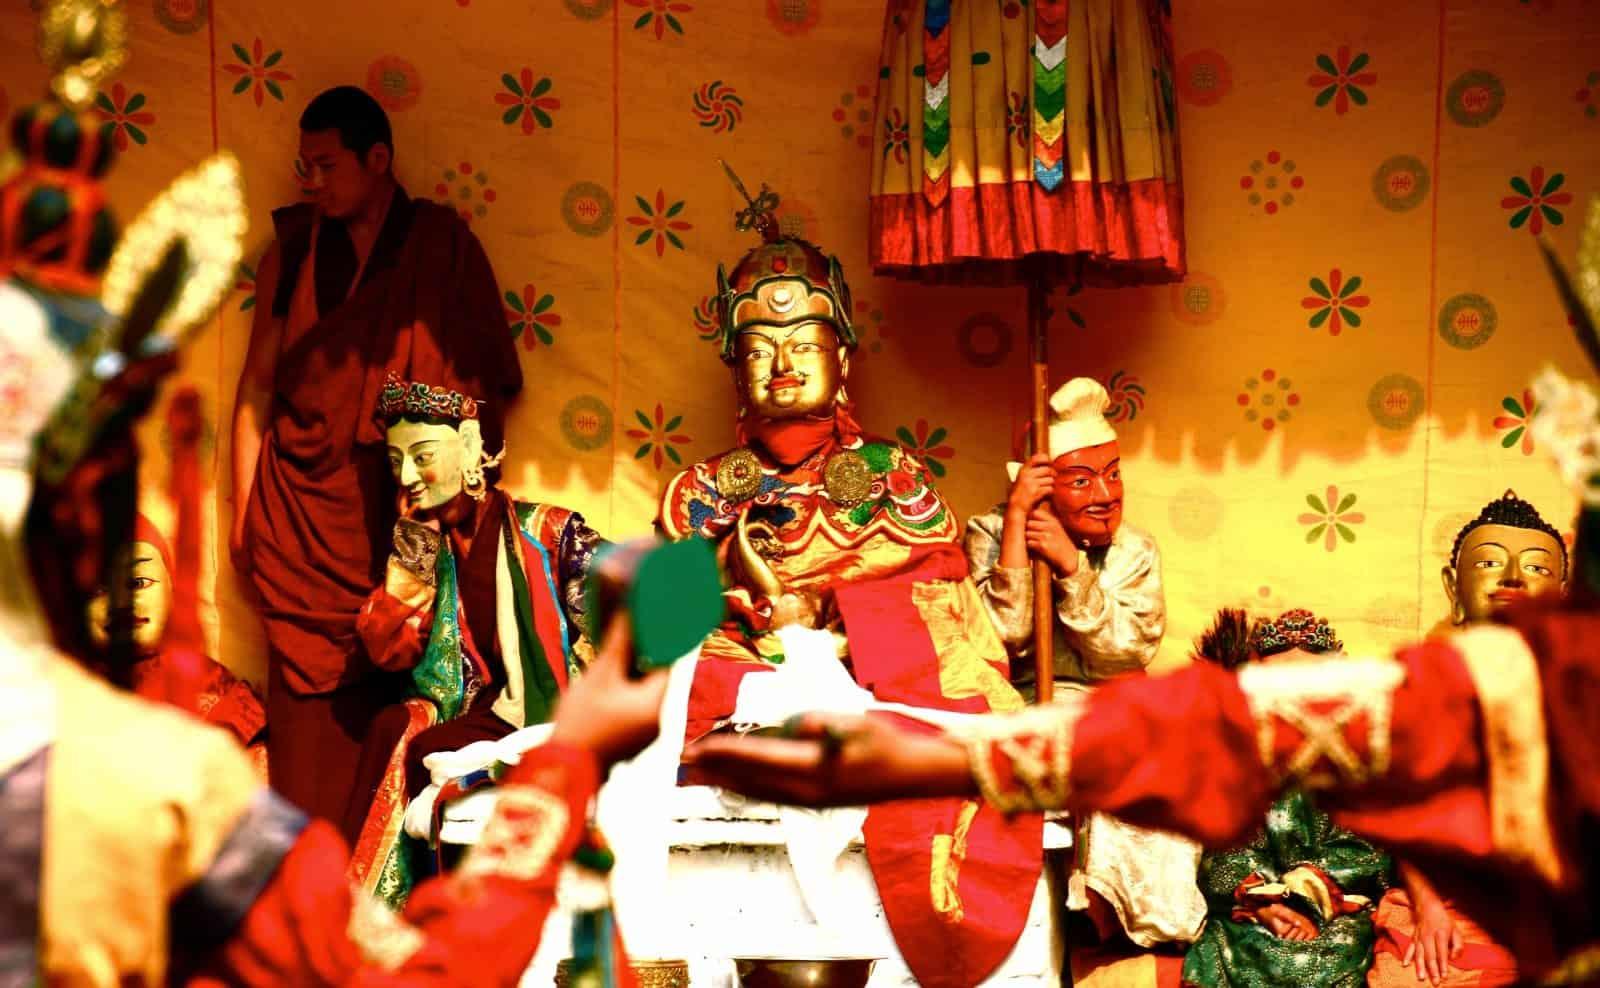 Festival in Bhutan